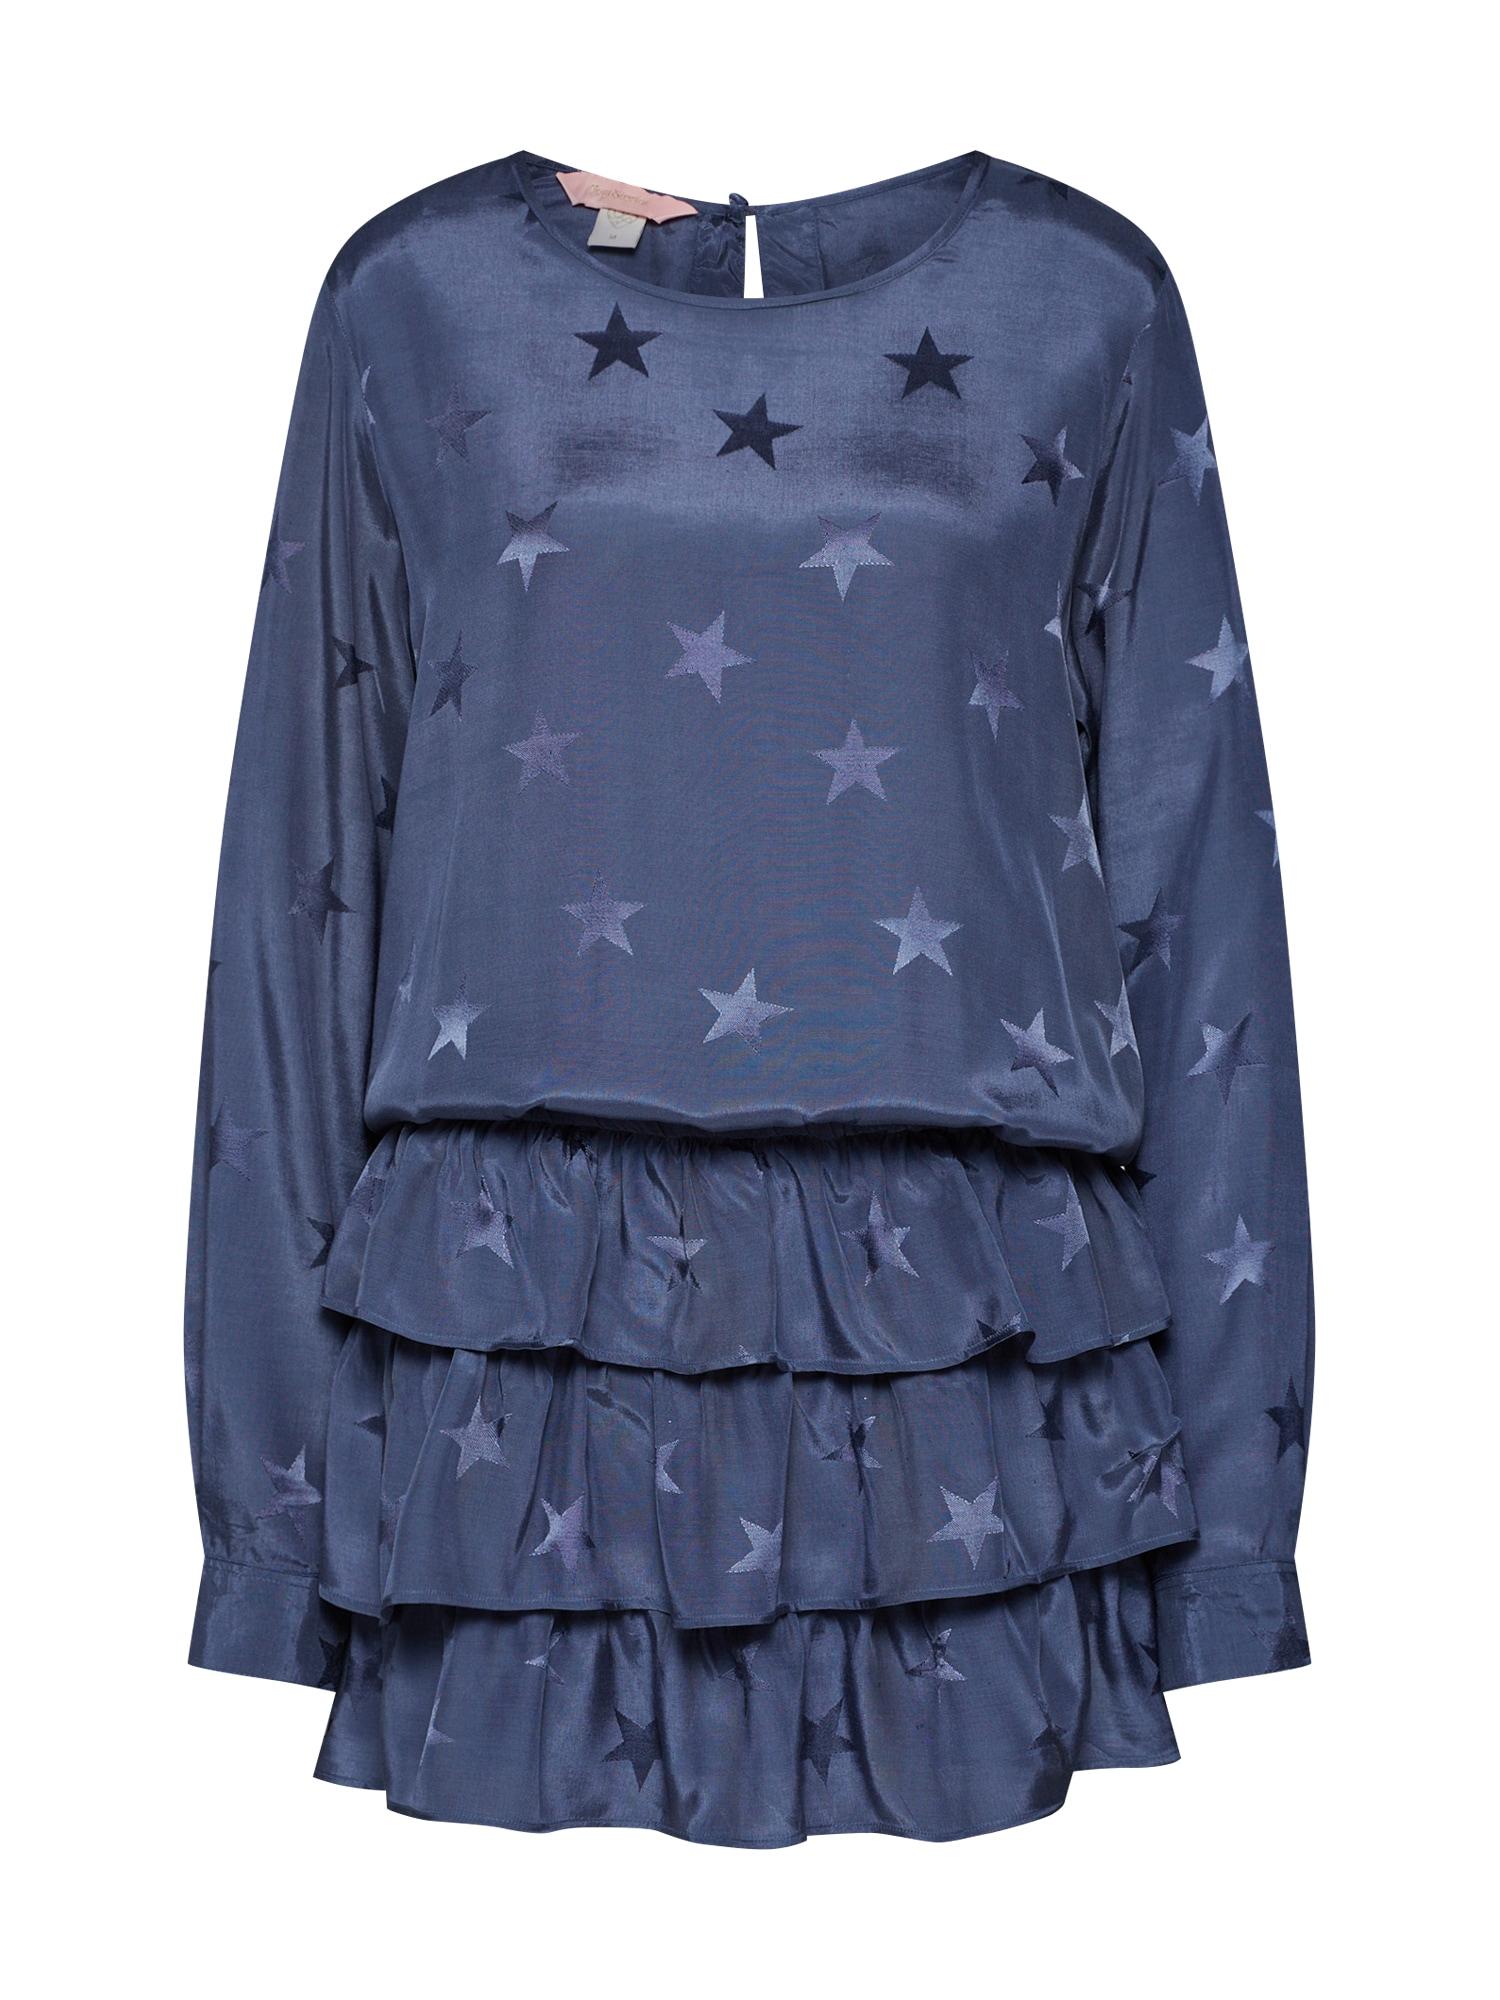 Šaty PATI námořnická modř Femi Stories